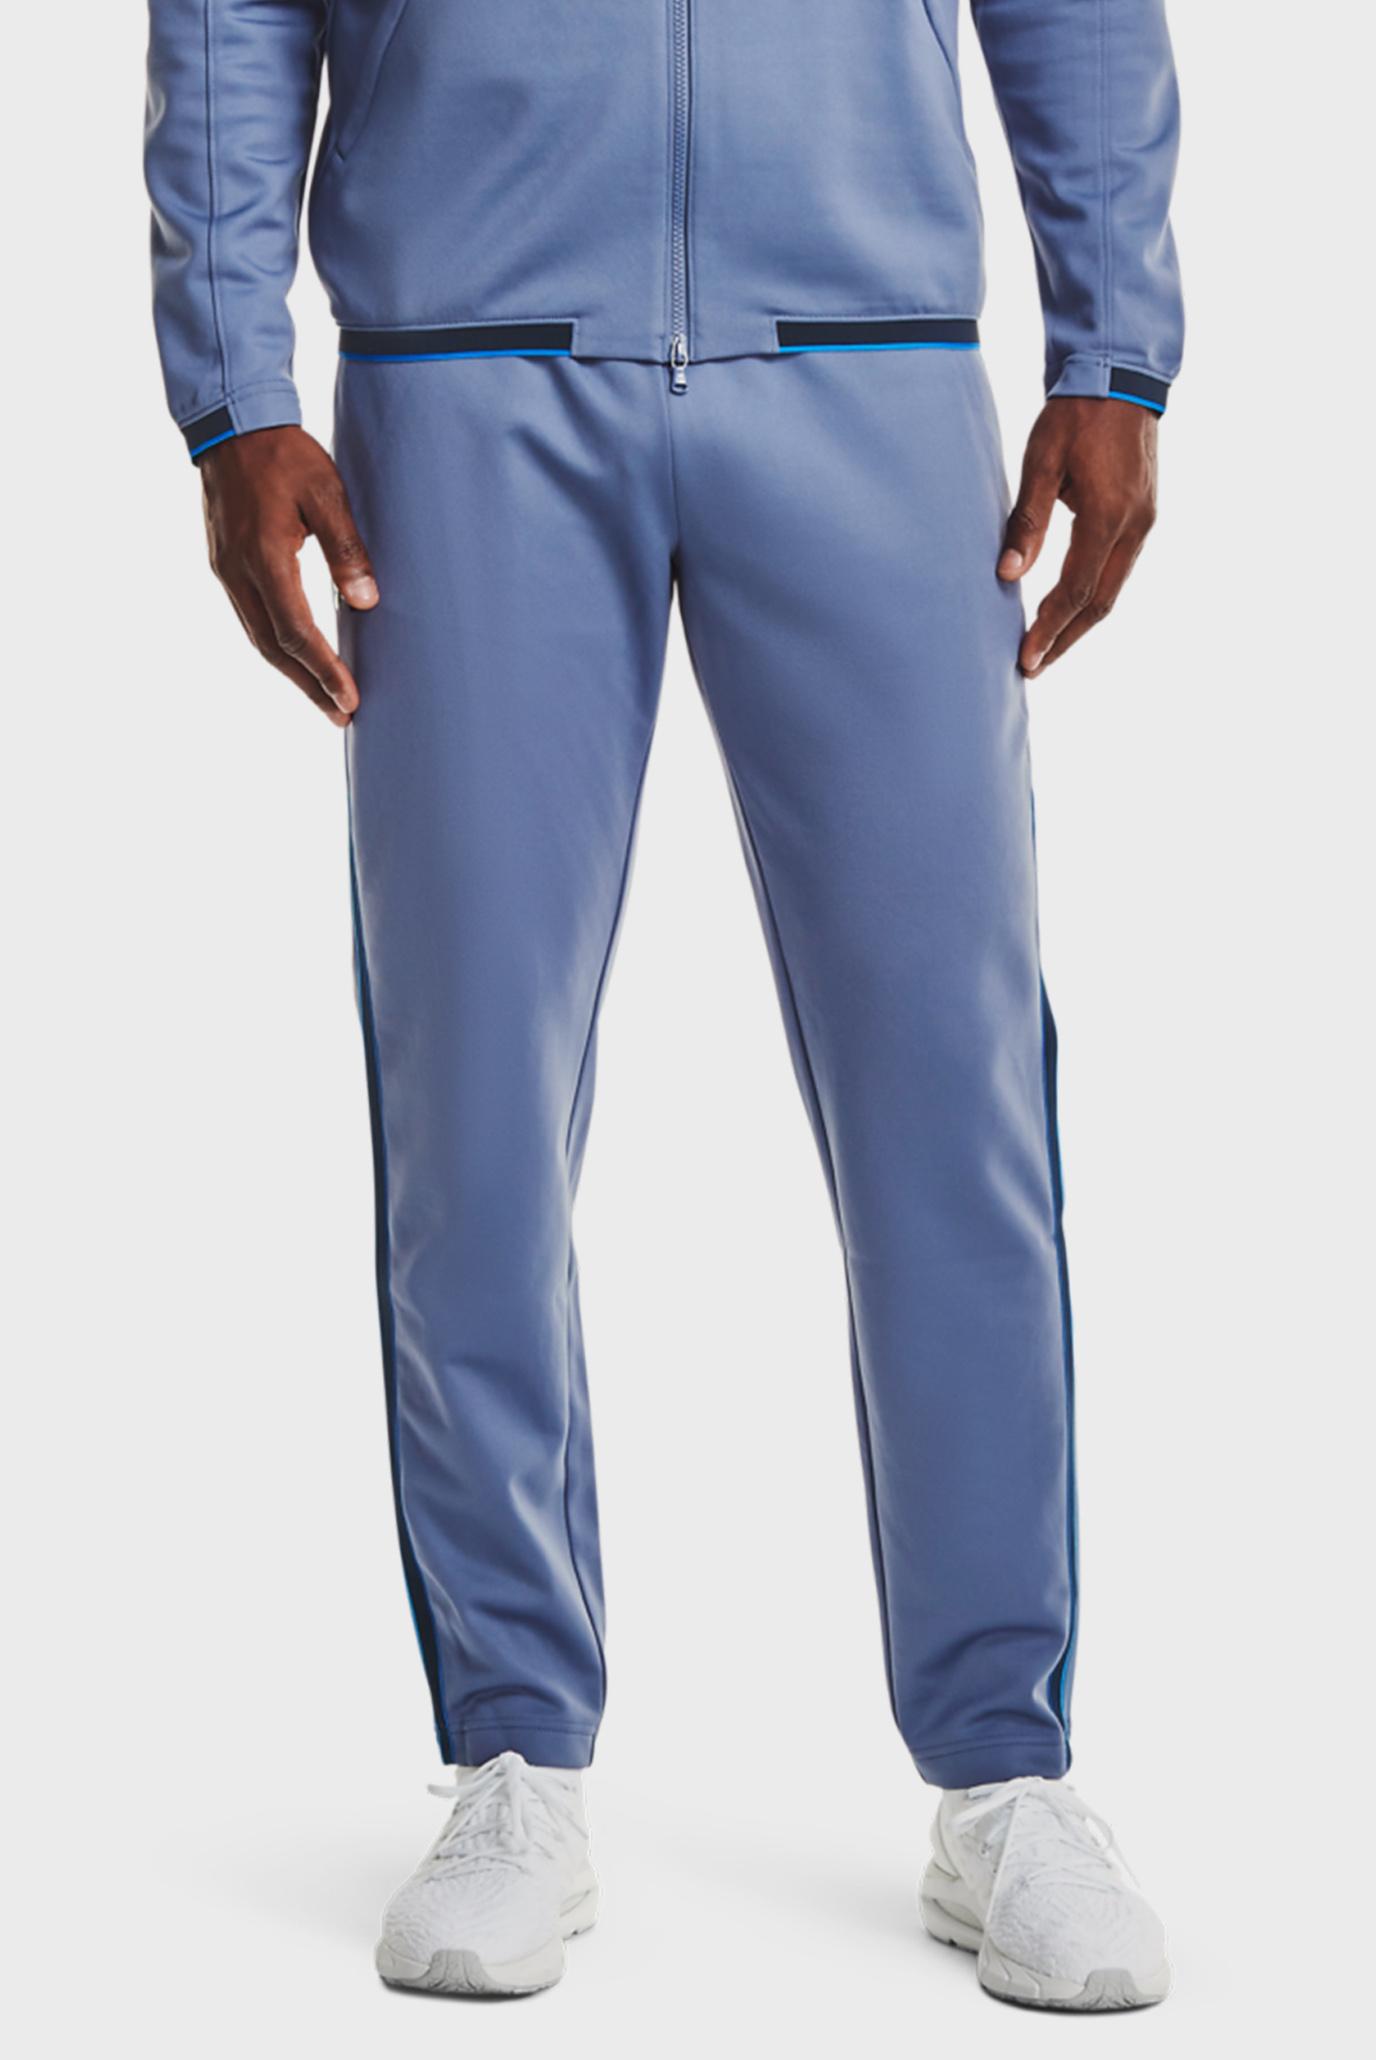 Чоловічі сині спортивні штани UA Recover Knit Track Pant 1